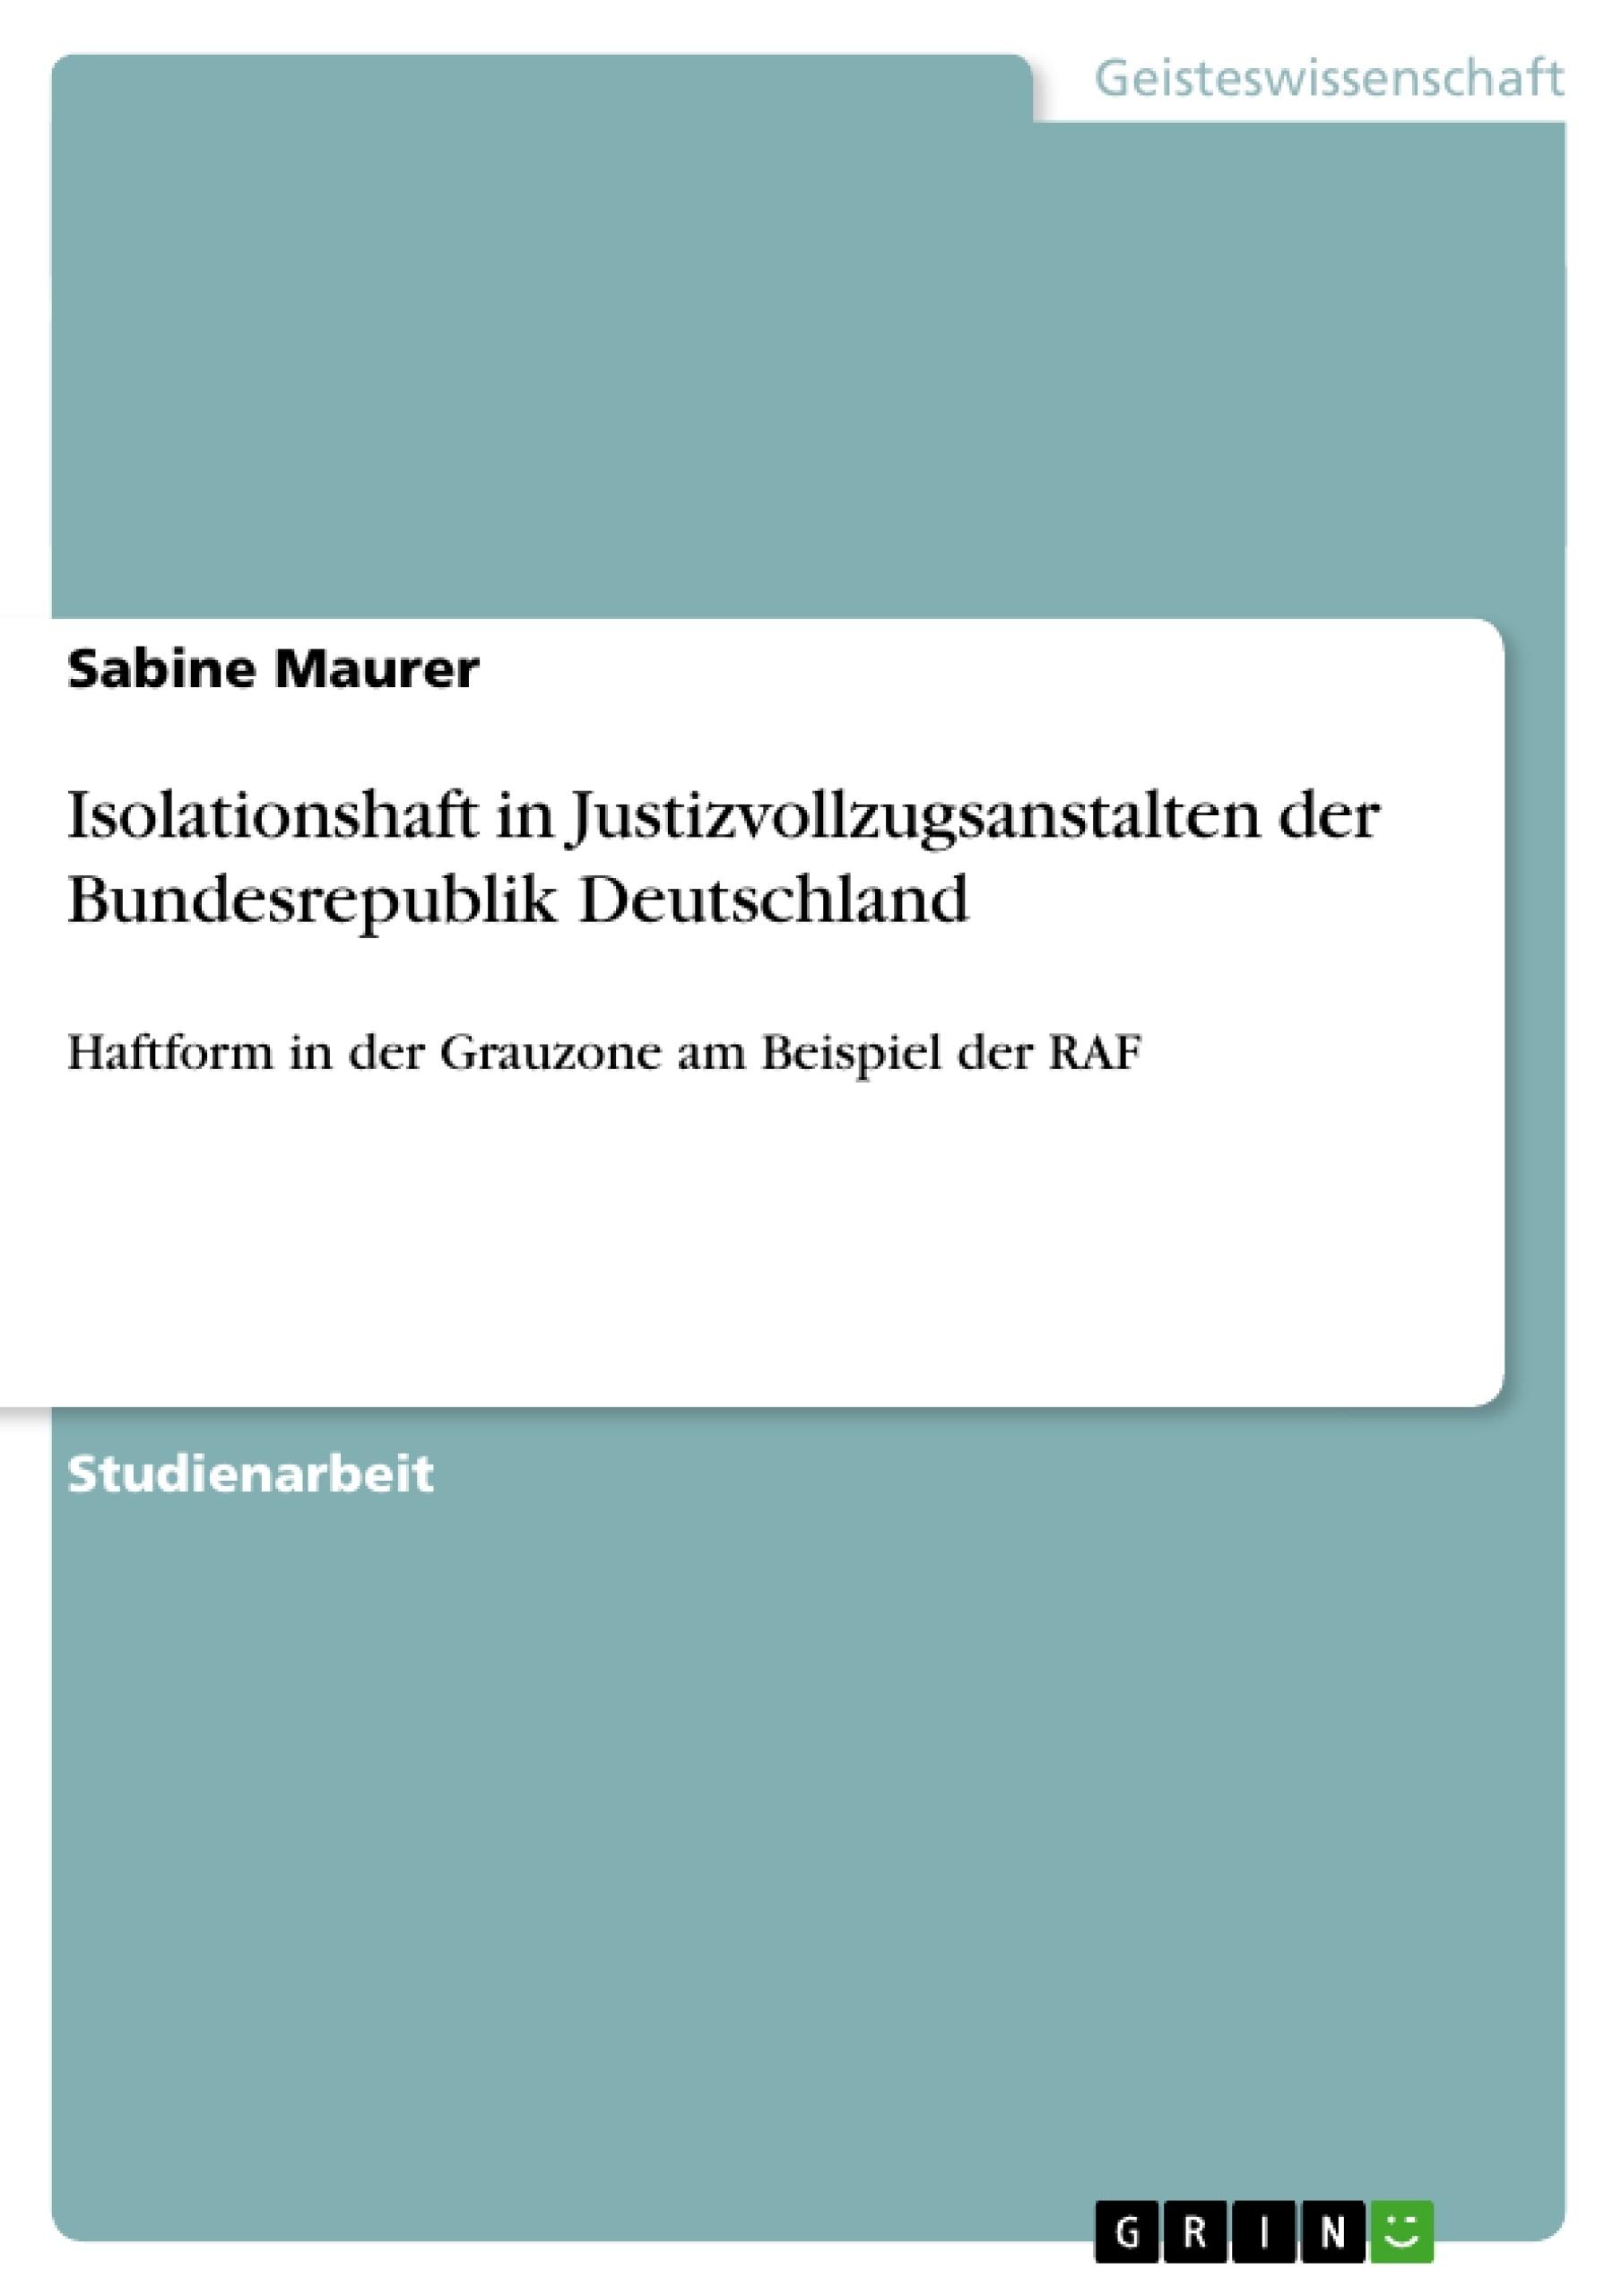 Titel: Isolationshaft in Justizvollzugsanstalten der Bundesrepublik Deutschland